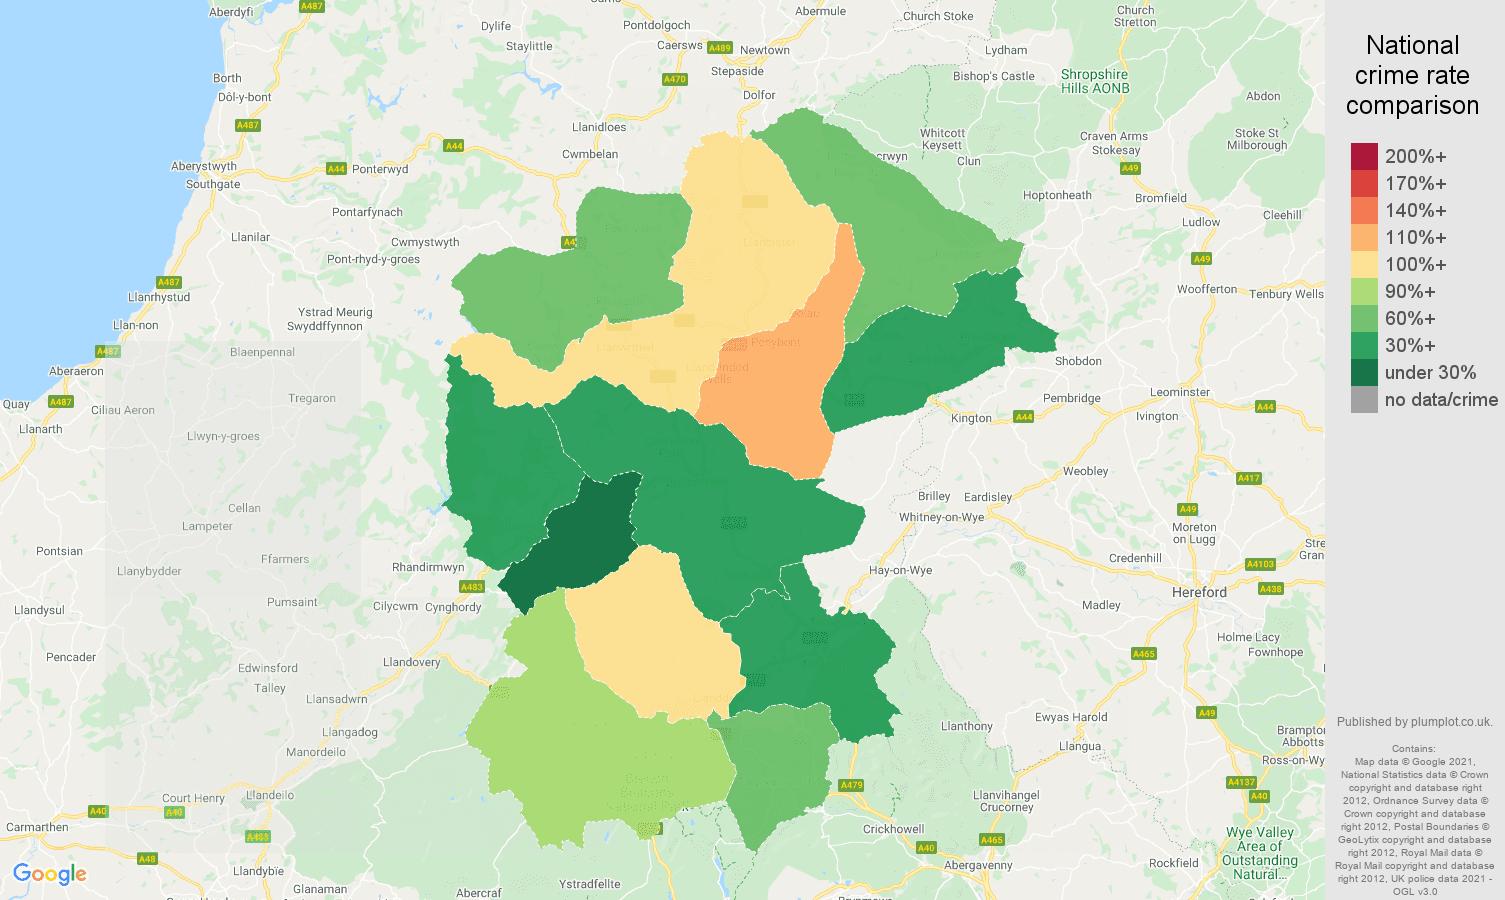 Llandrindod Wells violent crime rate comparison map